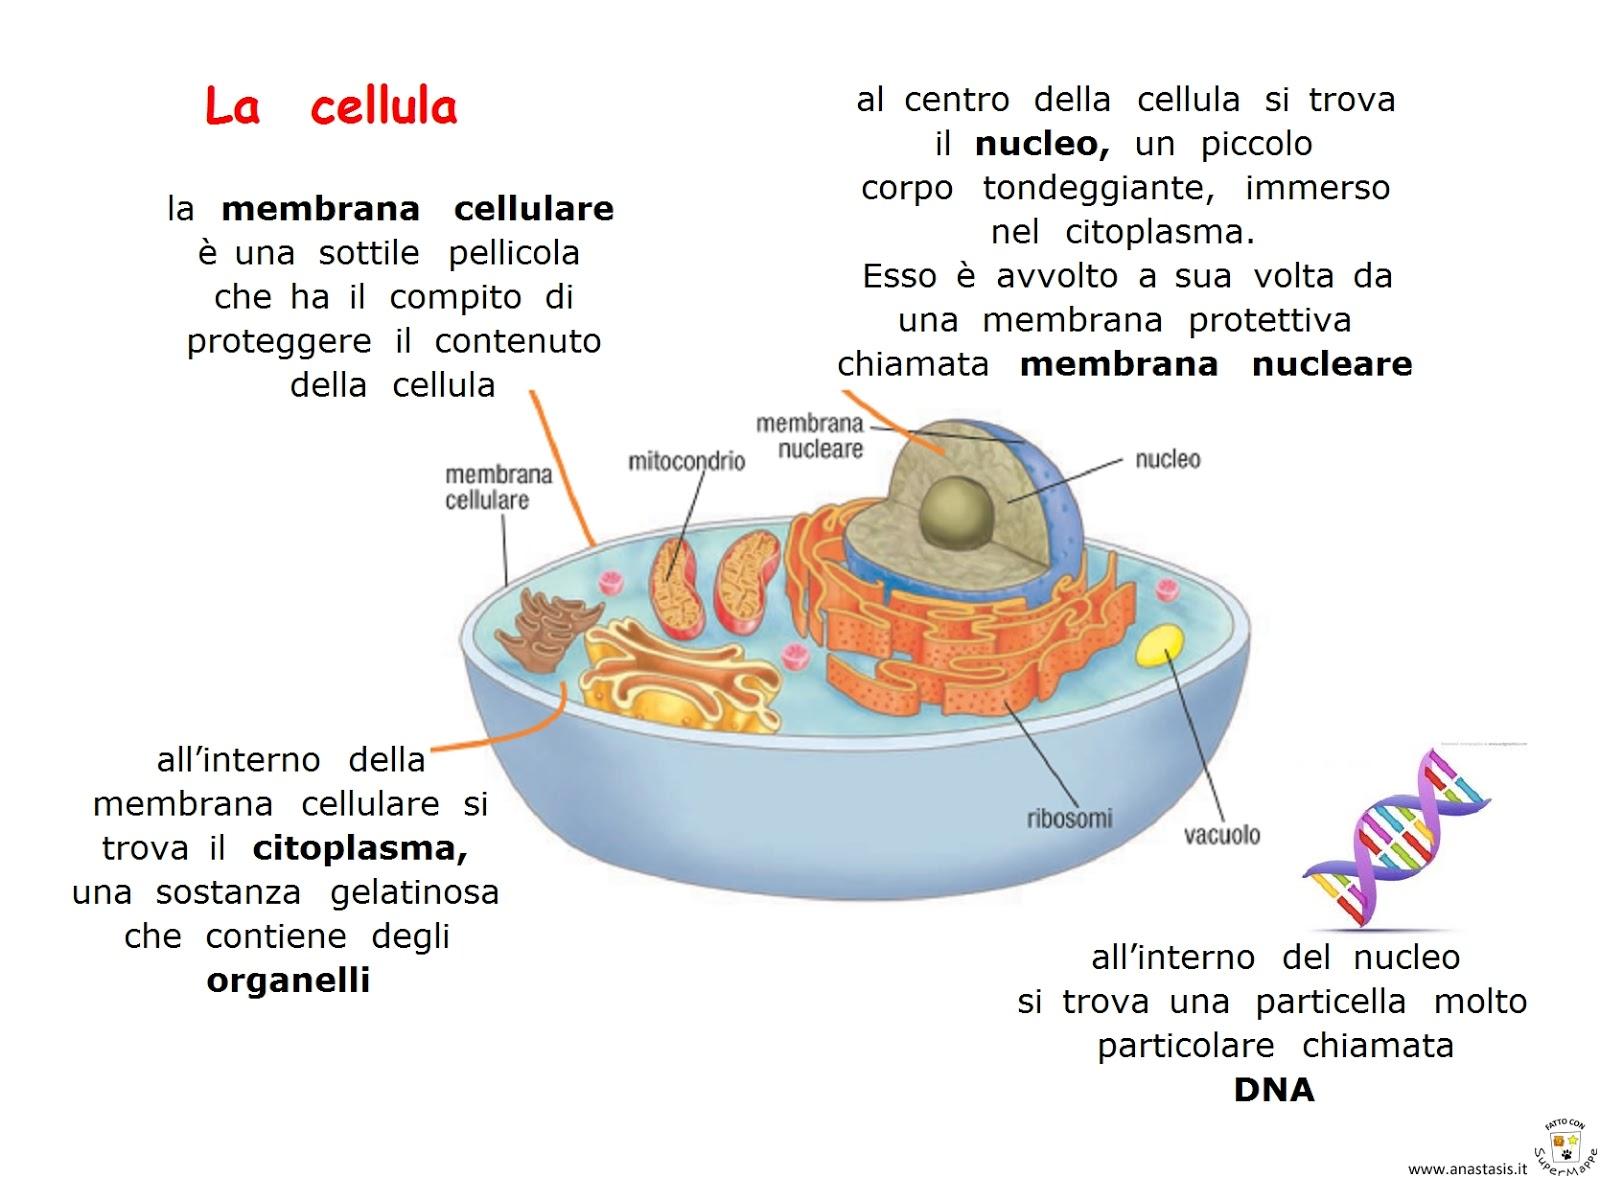 Célèbre Paradiso delle mappe: La cellula NL51